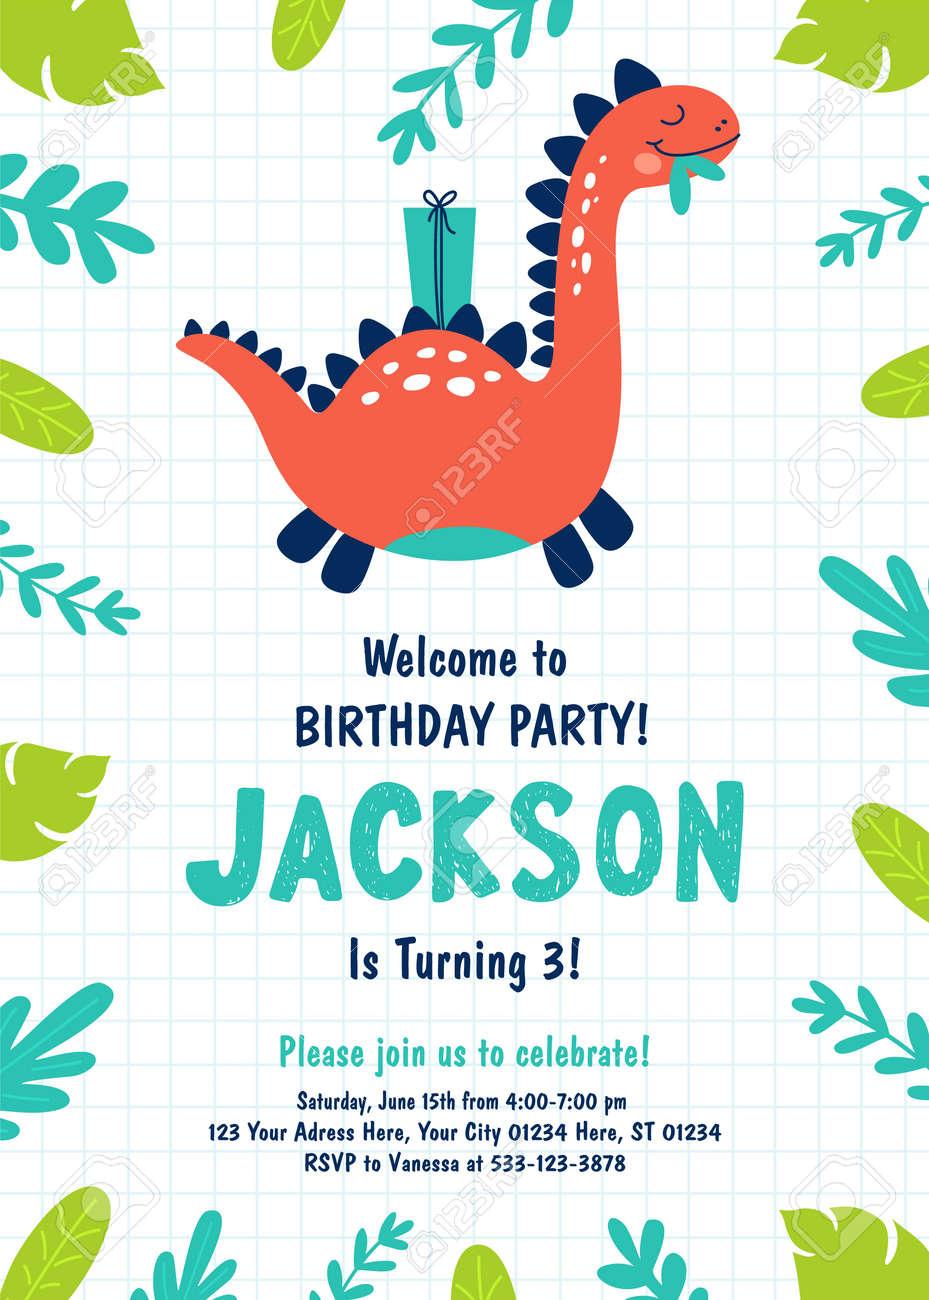 Dinosaur Birthday Party Invitation. Vector illustrations - 119675837